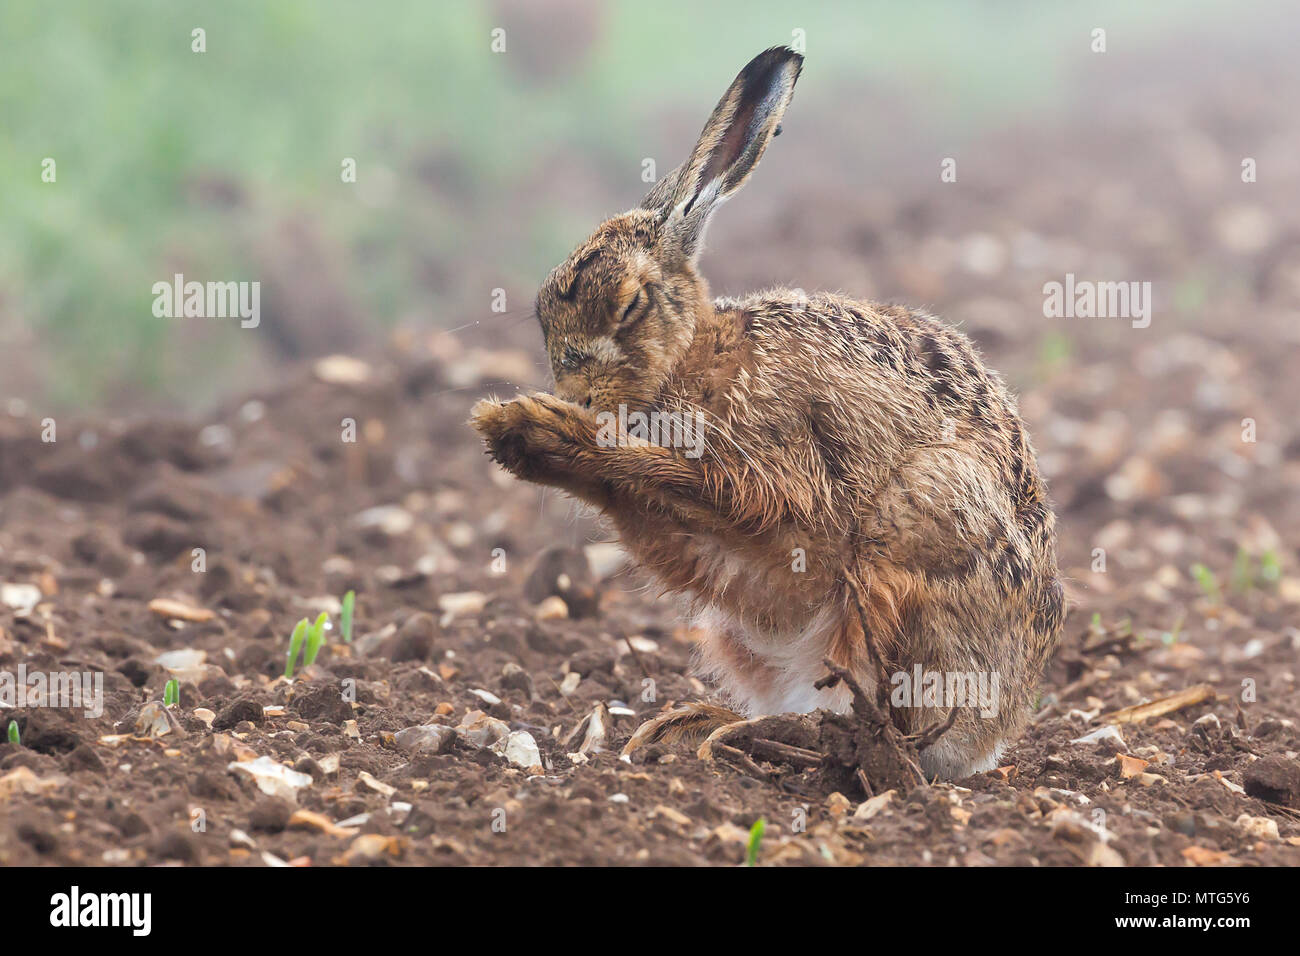 Wild brown hare con los ojos cerrados, tras una mañana de lavar en un campo con cultivos empezando a crecer. Naturalezas tierras desnudo con el suelo con un animal peludo cl Imagen De Stock